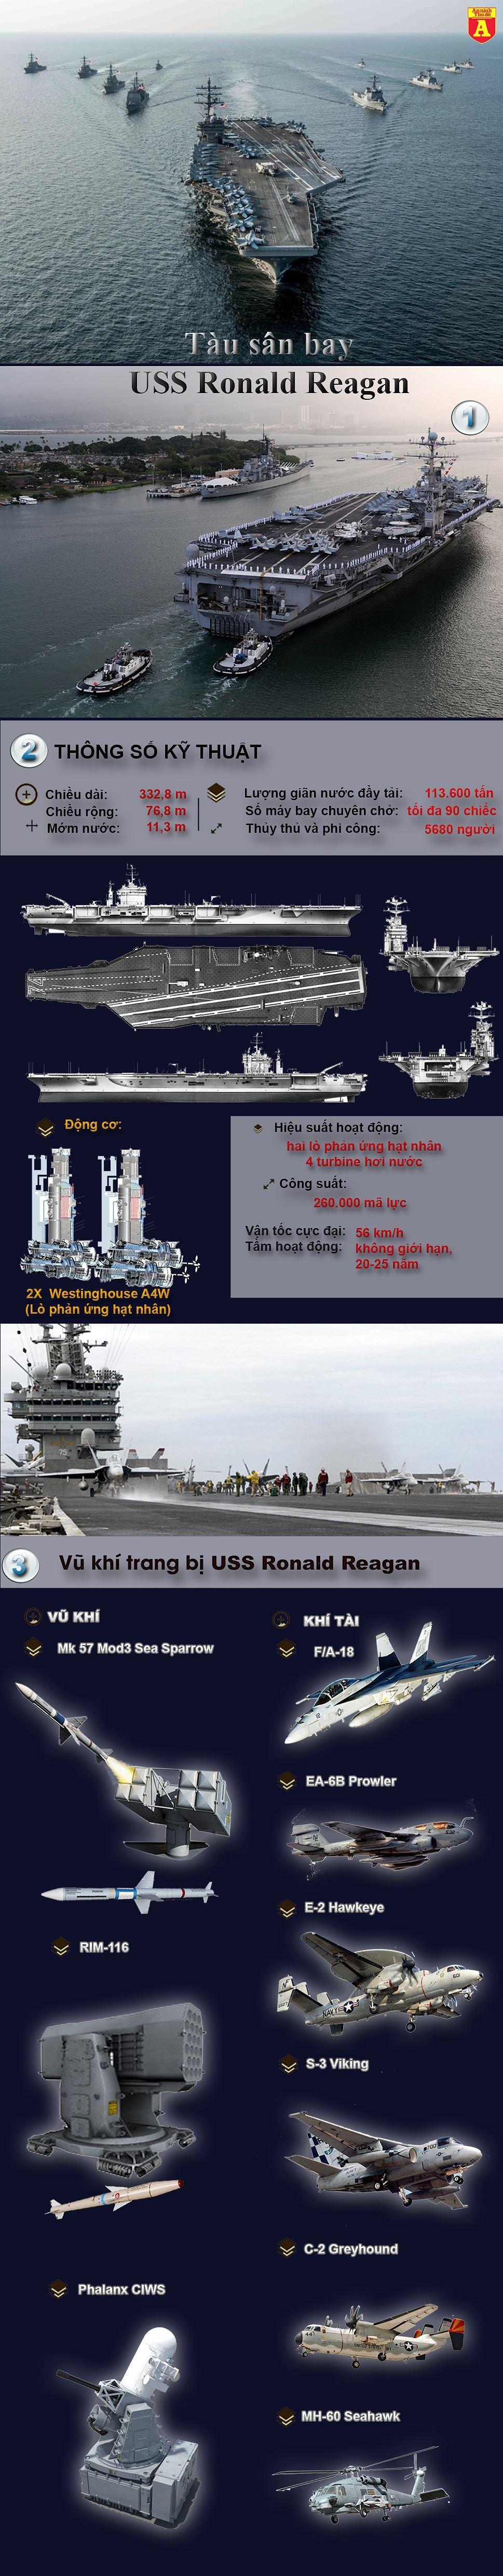 [ĐỒ HỌA] Bắc Kinh lo lắng khi siêu hàng không mẫu hạm Mỹ chuẩn bị tiến vào biển Đông ảnh 4